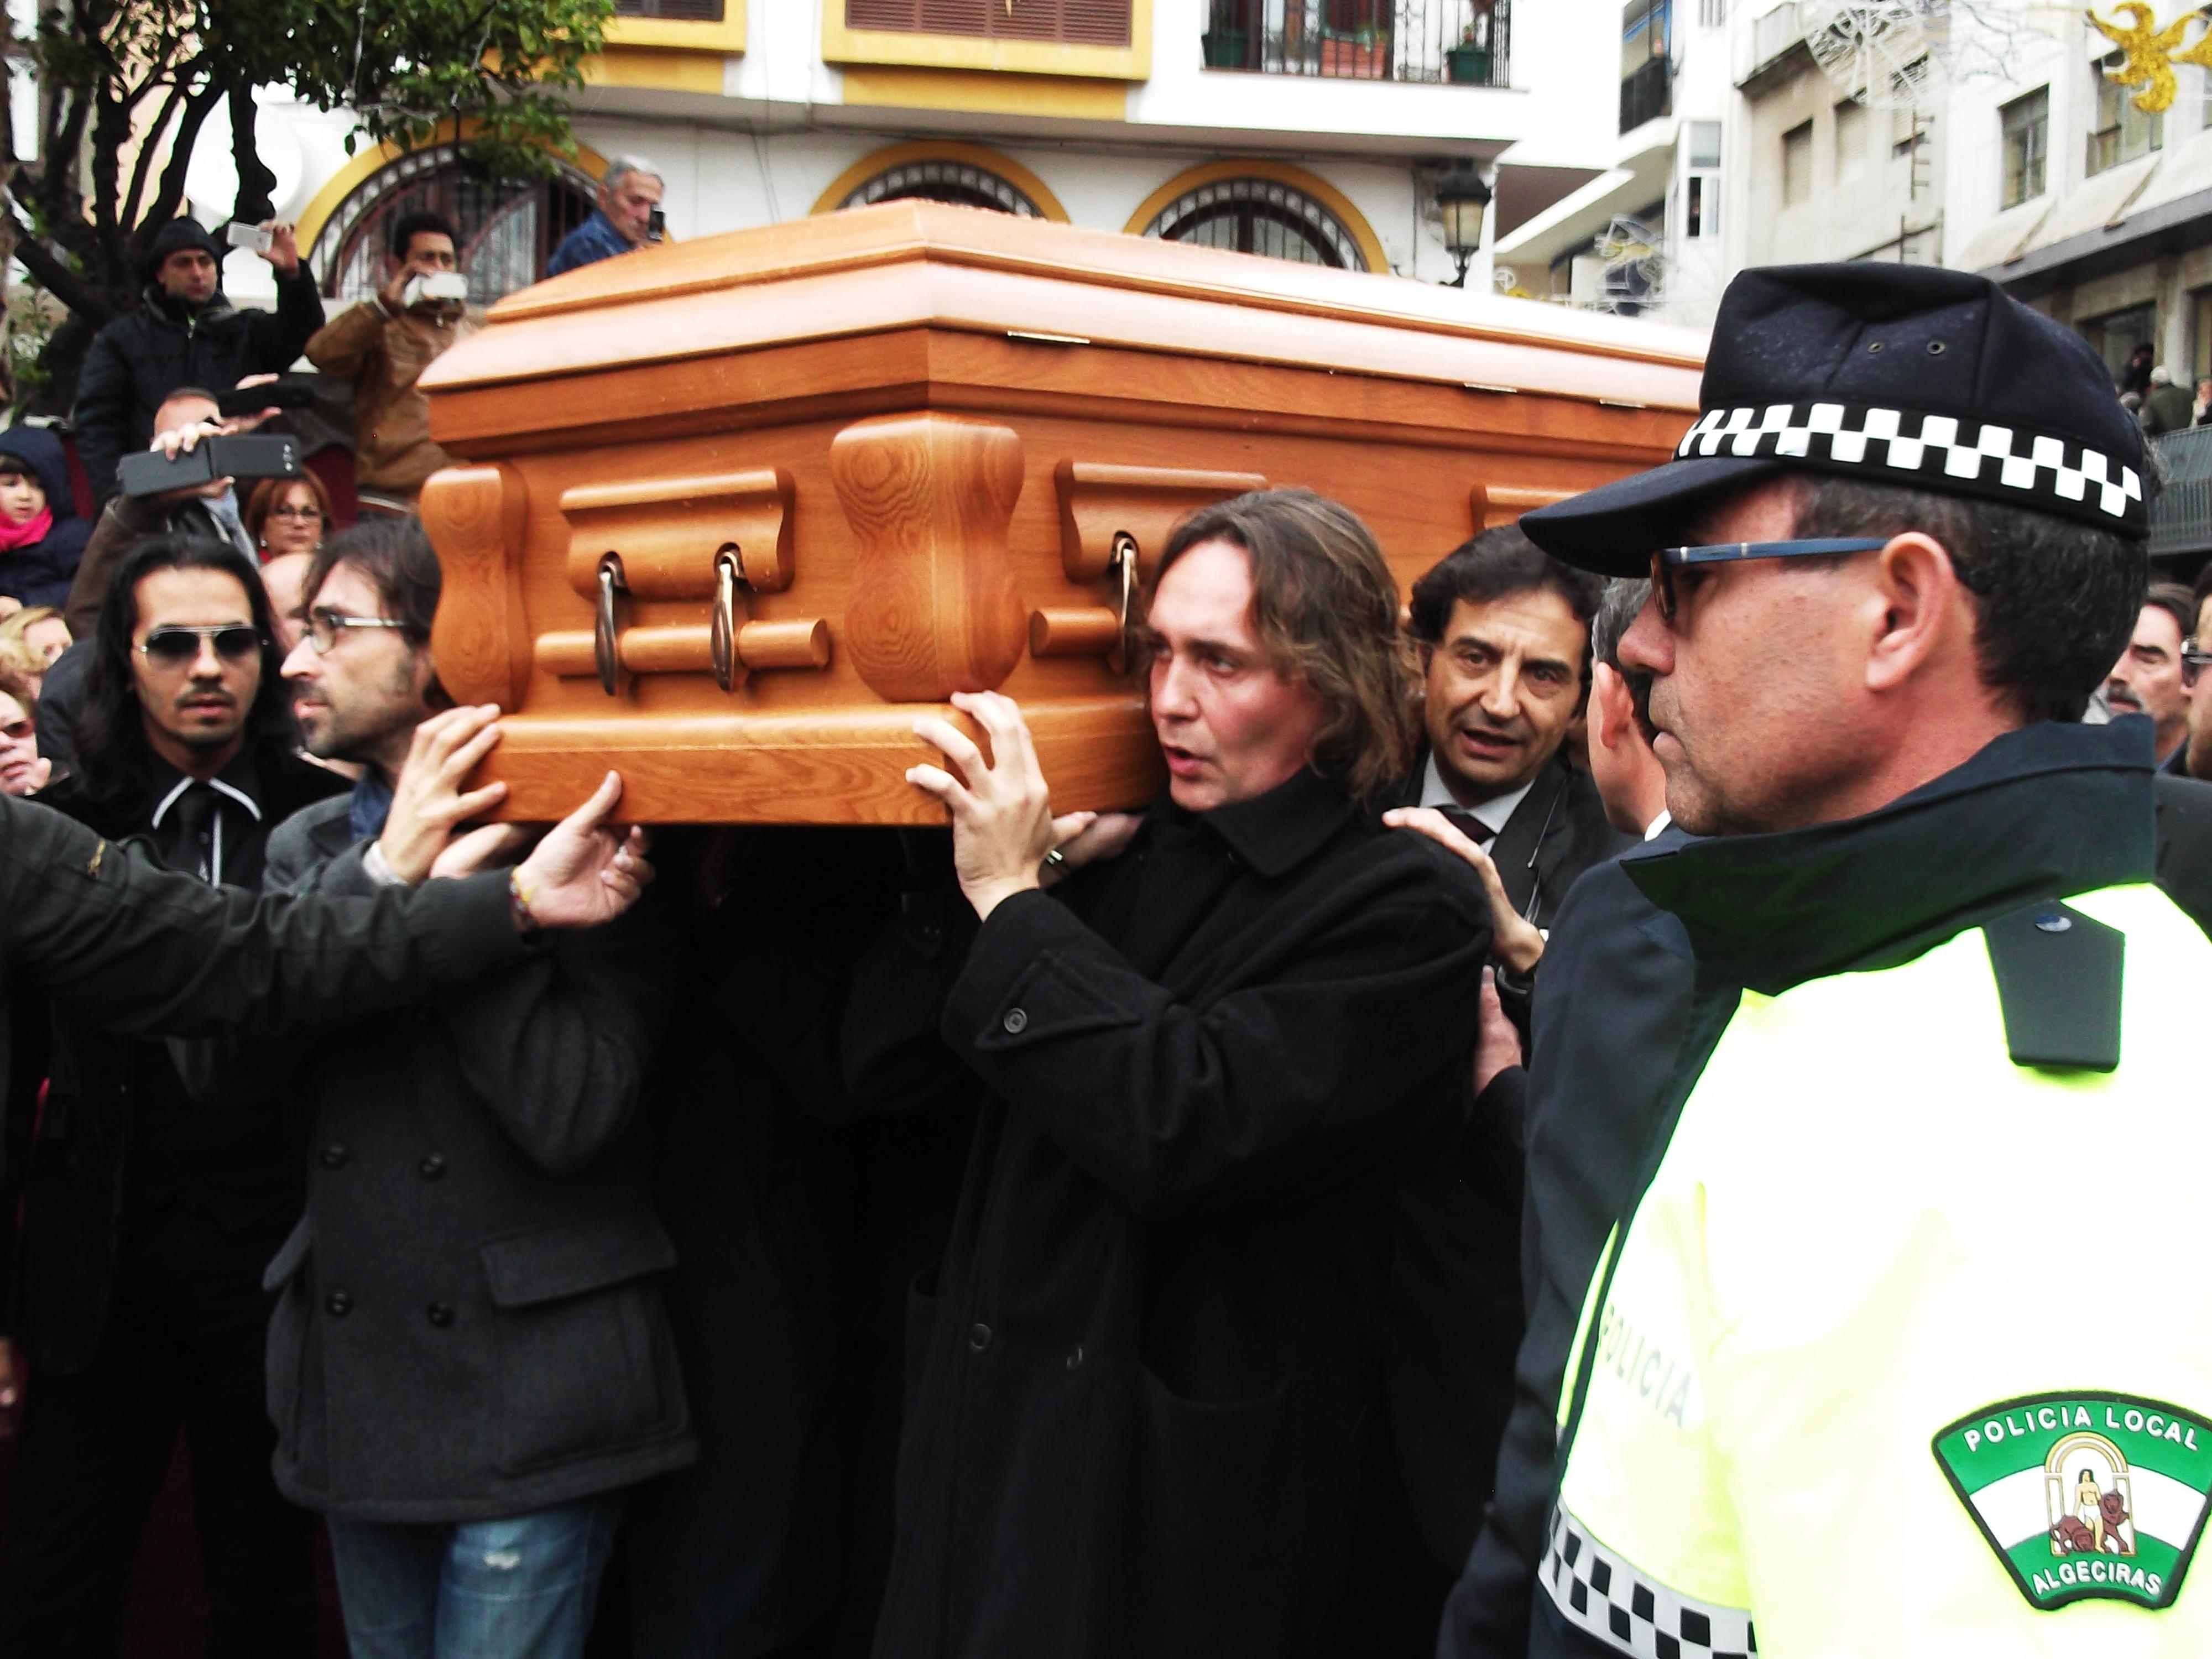 Familiares y amigos de Paco de Lucía portan su ataúd camino a la misa funeral por el guitarrista en la iglesia de Nuestra Señora de la Palma de Algeciras